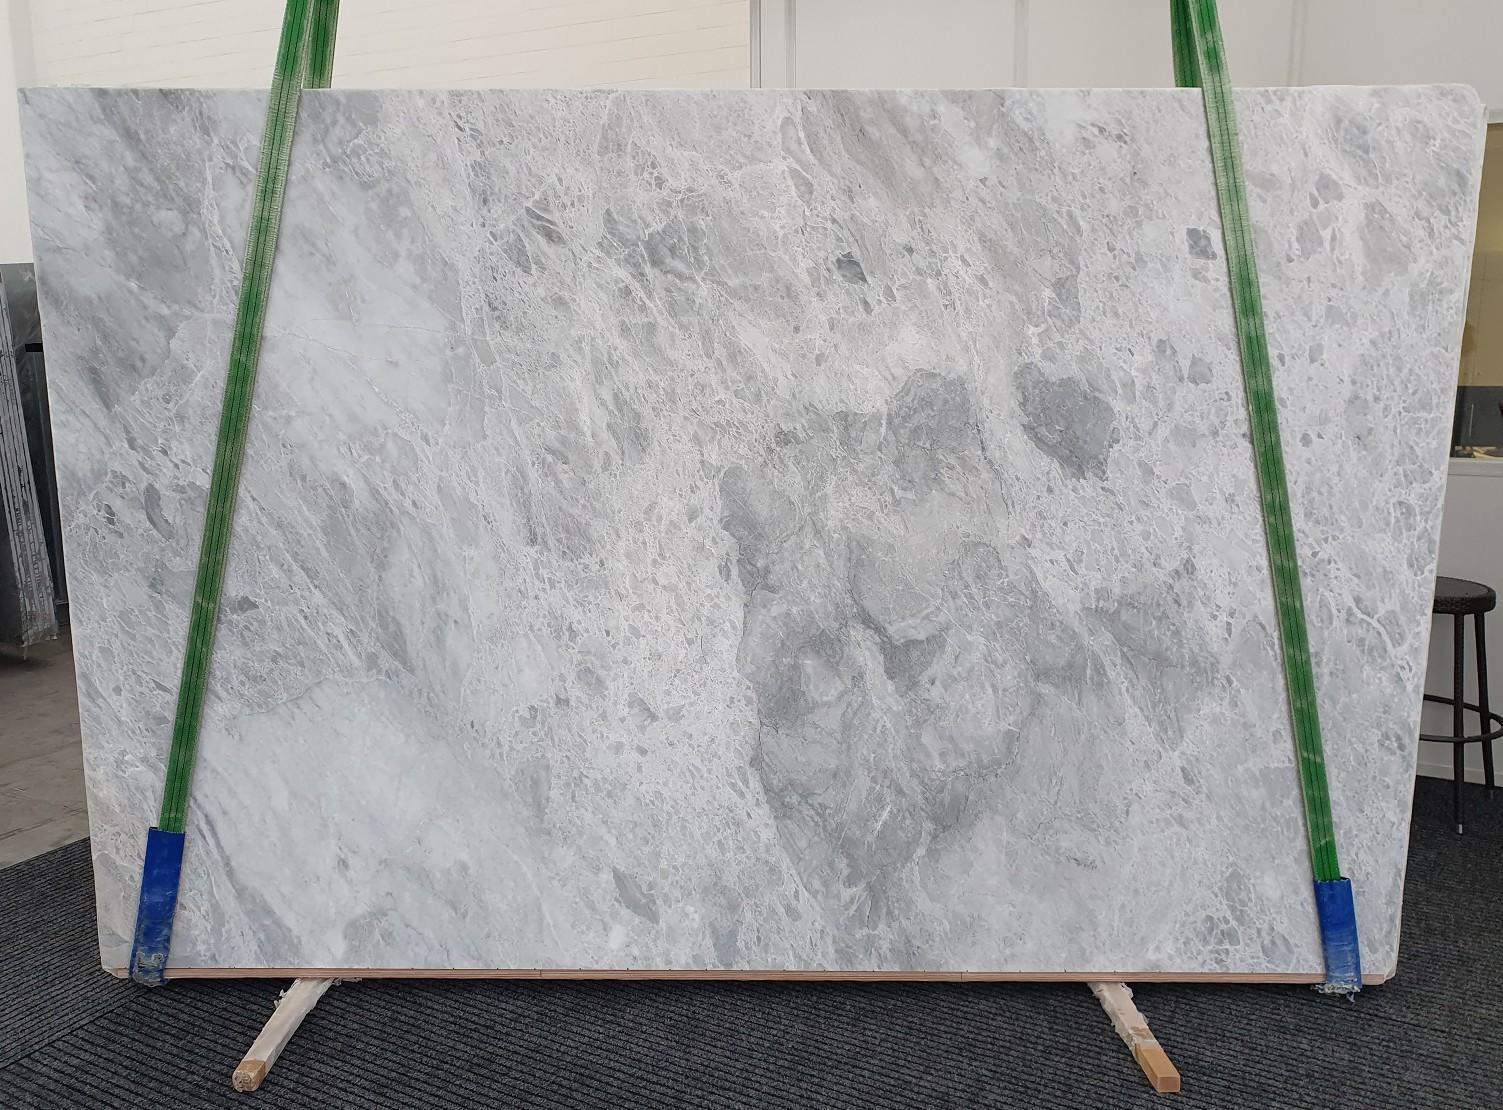 TRAMBISERA polierte Unmaßplatten 12931 aus Natur Marmor , Bnd02-Slb16: Lieferung Veneto, Italien